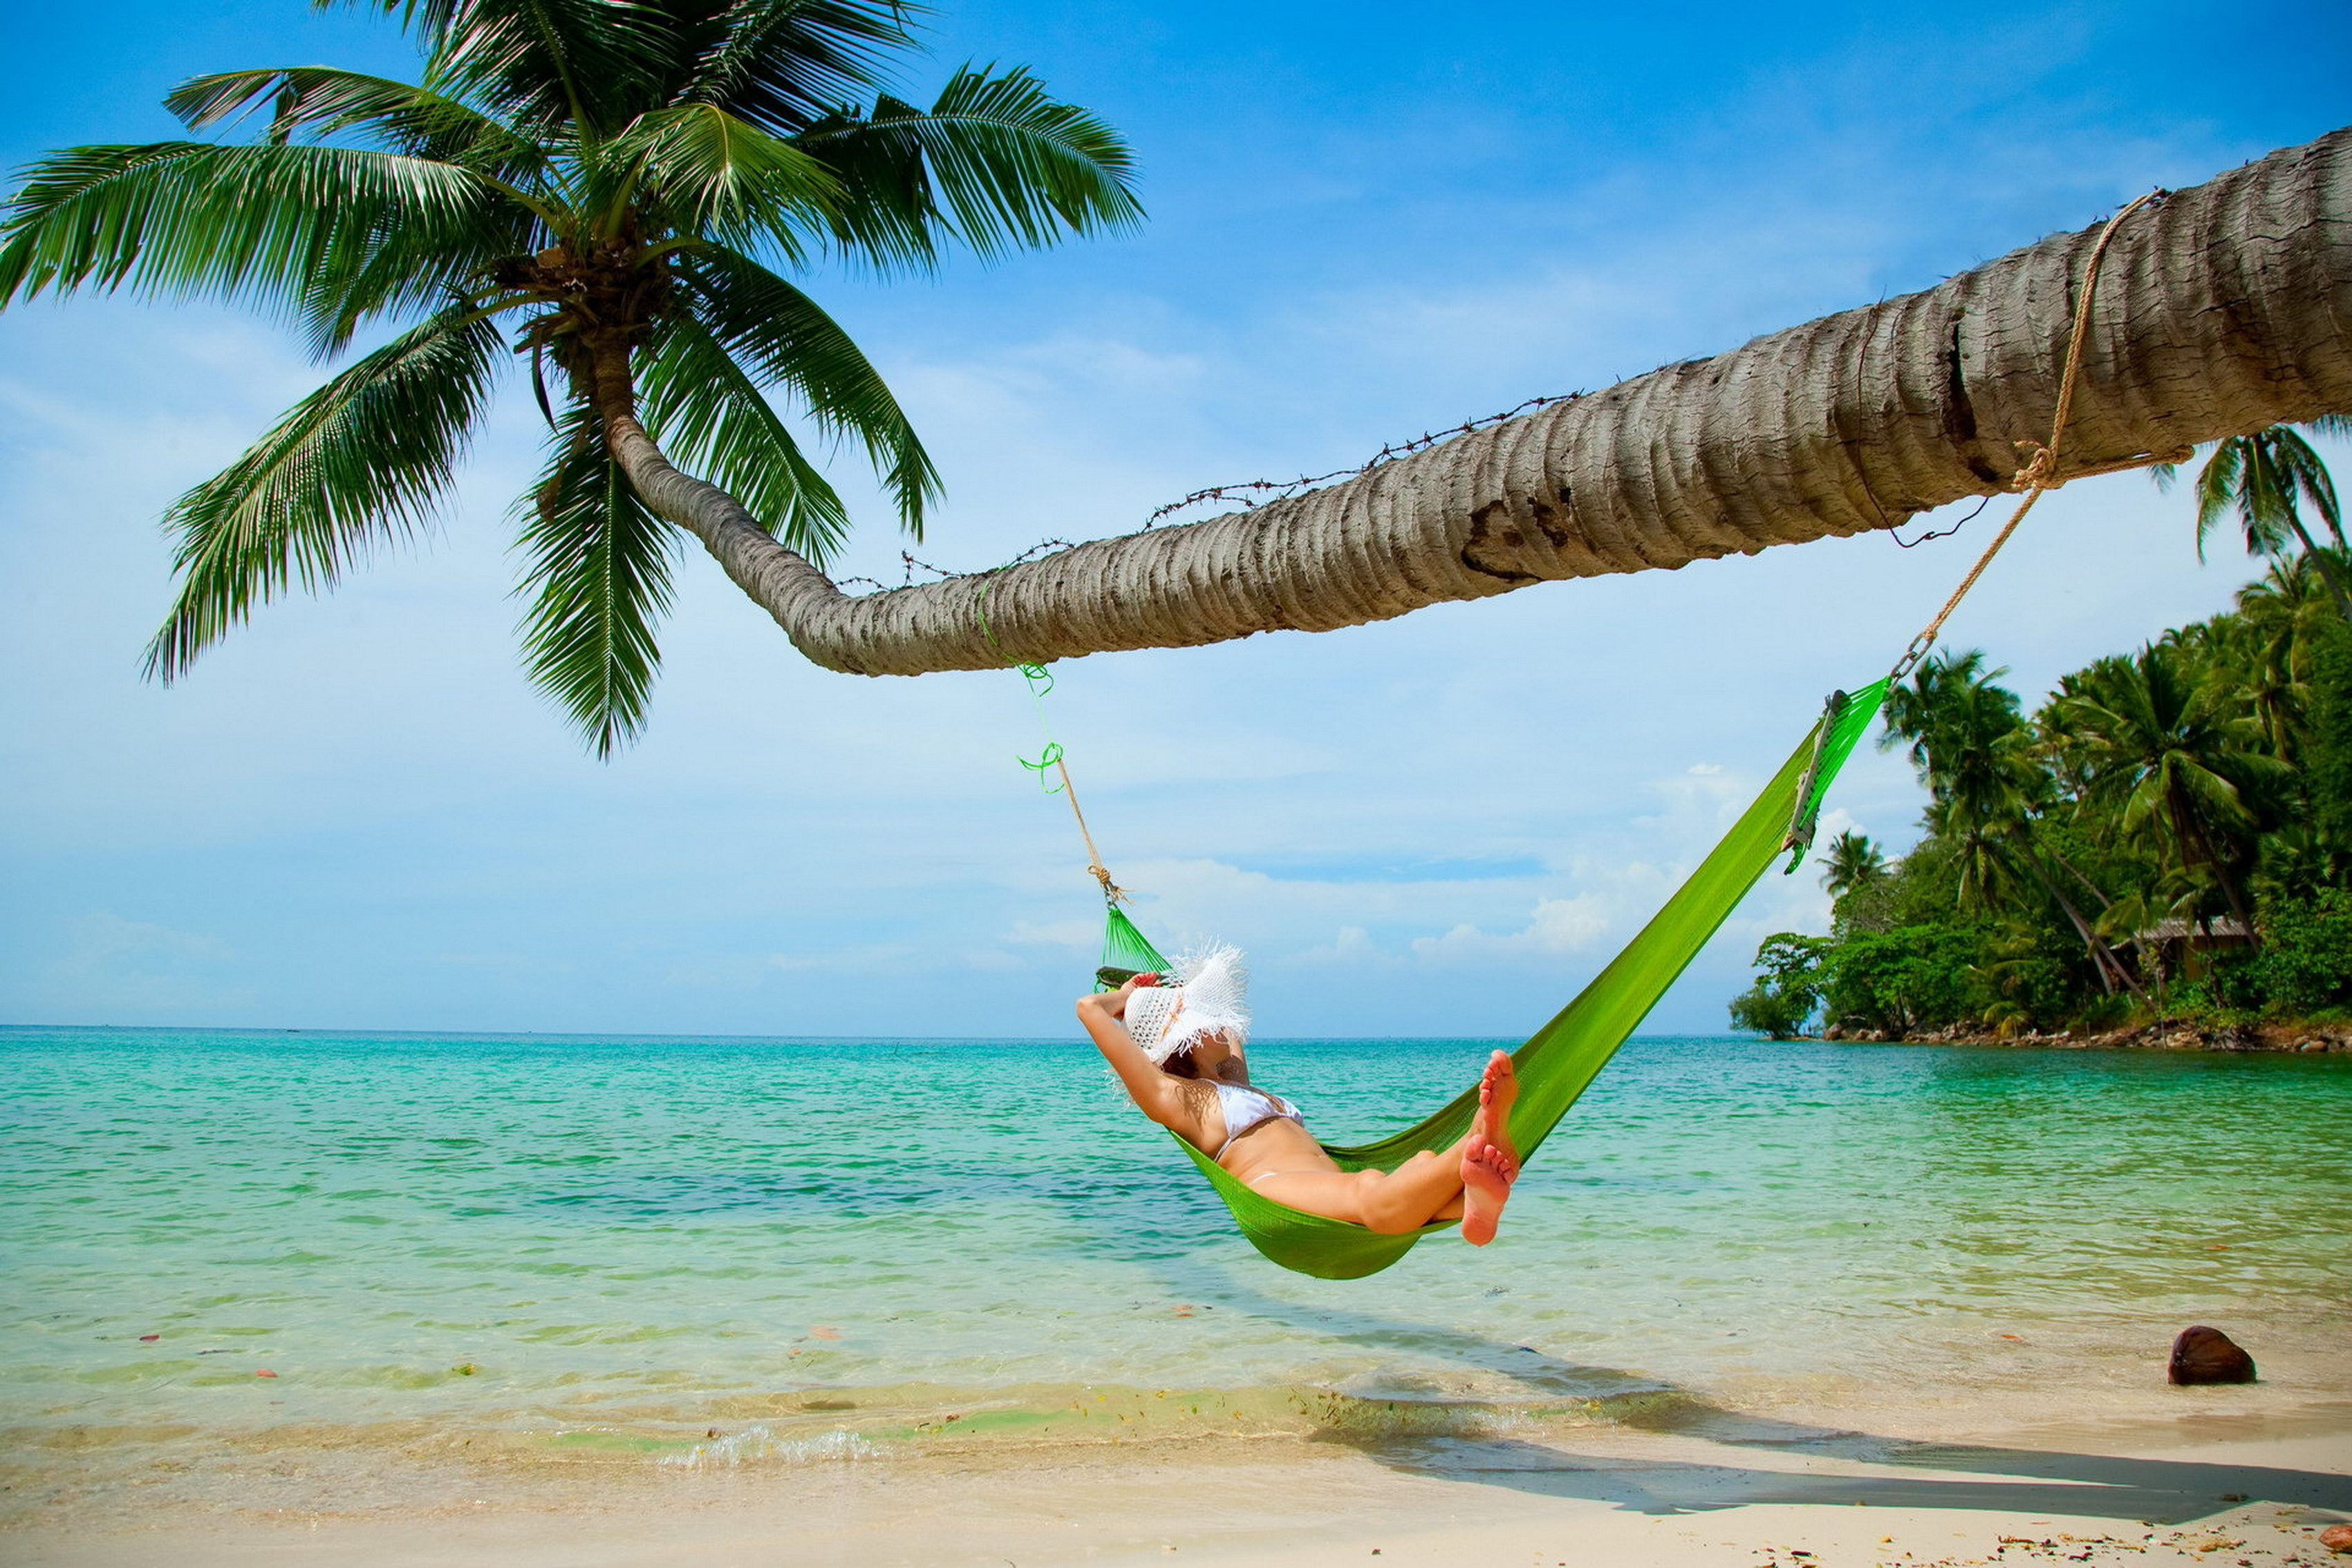 Humeur-de-vacances-vacances-d-t-femme-par-plage-salon-accueil-art-d-cor-bois-cadre